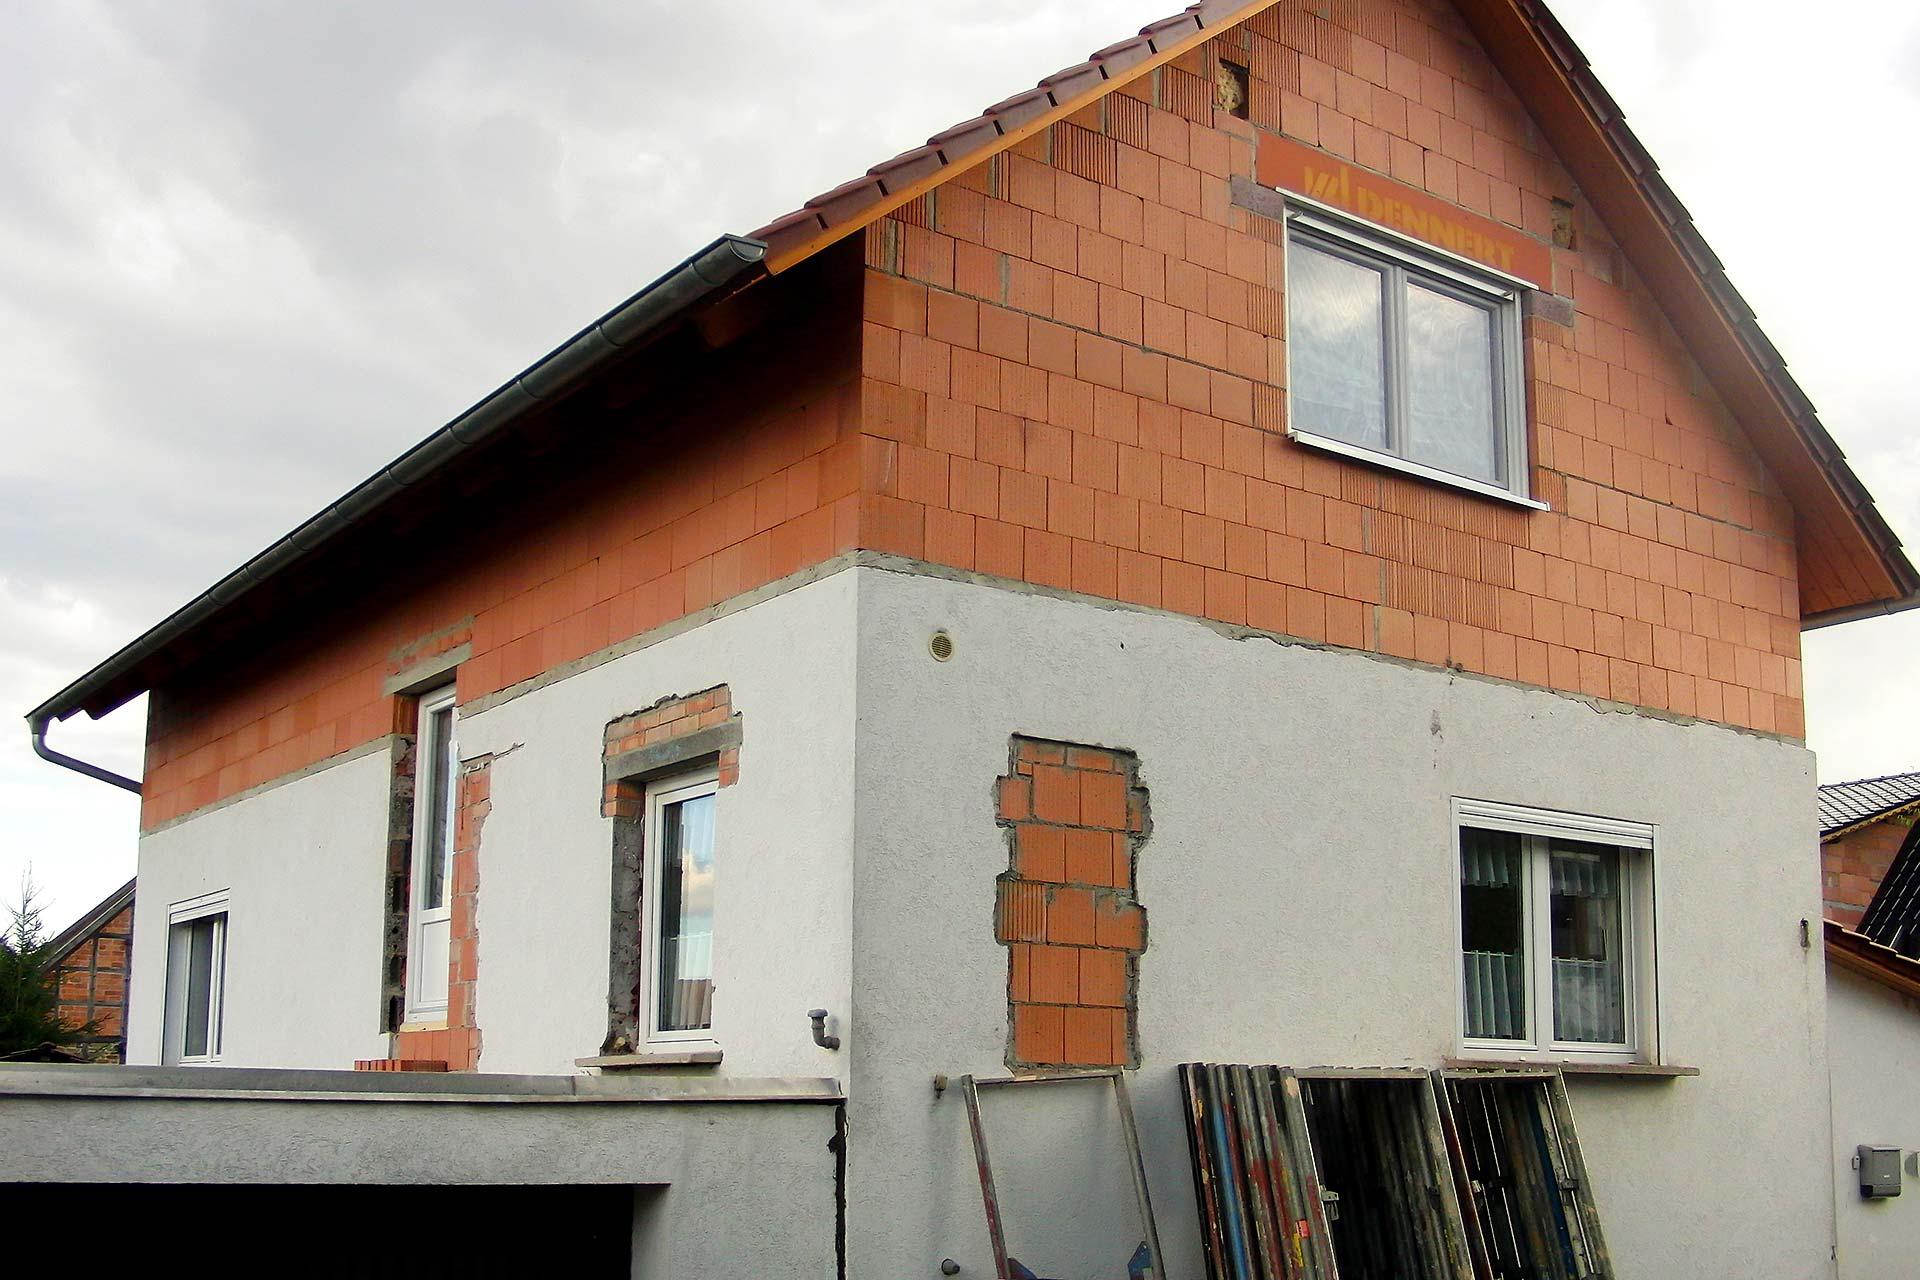 Dämmung & Außenputz eines Wohnhauses - Vorher